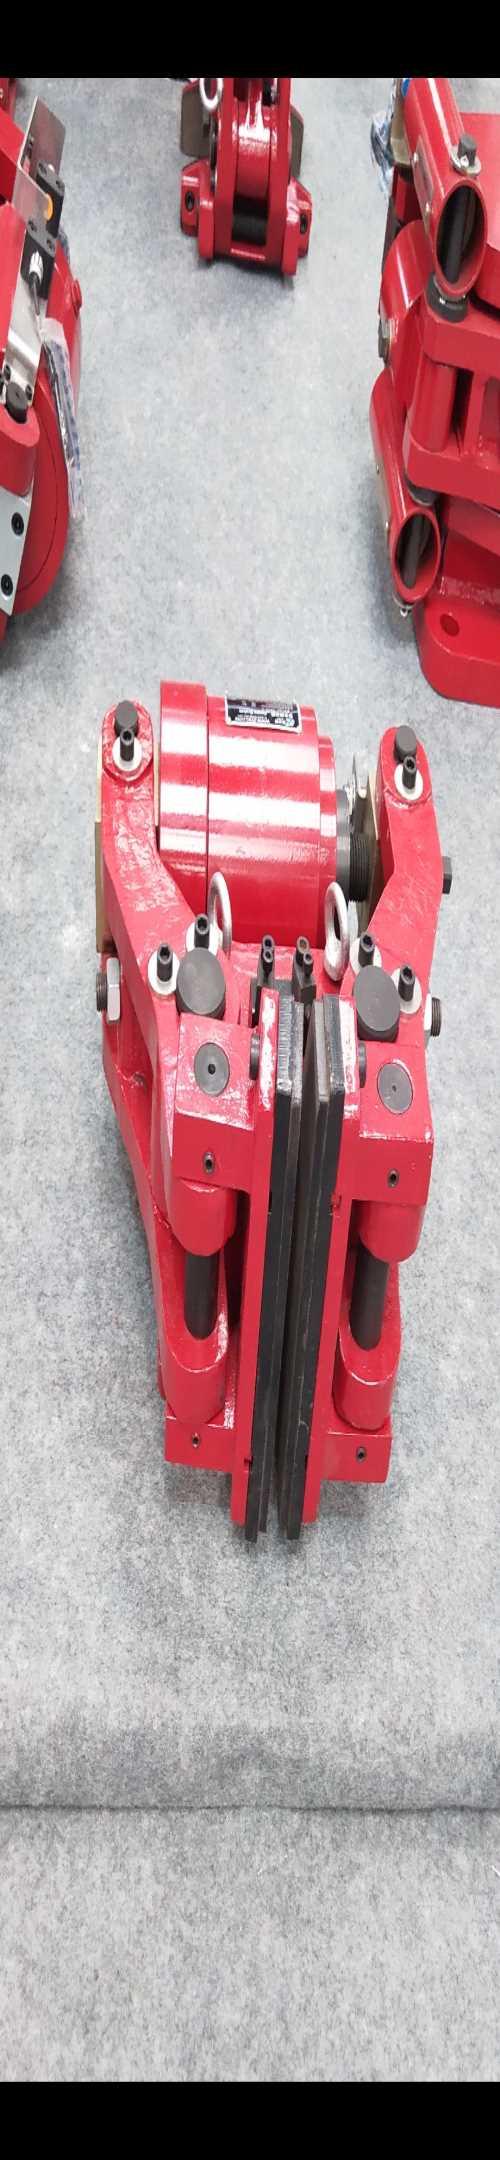 本溪低速轴制动器_制动器总成相关-焦作市重型机械制动器有限公司